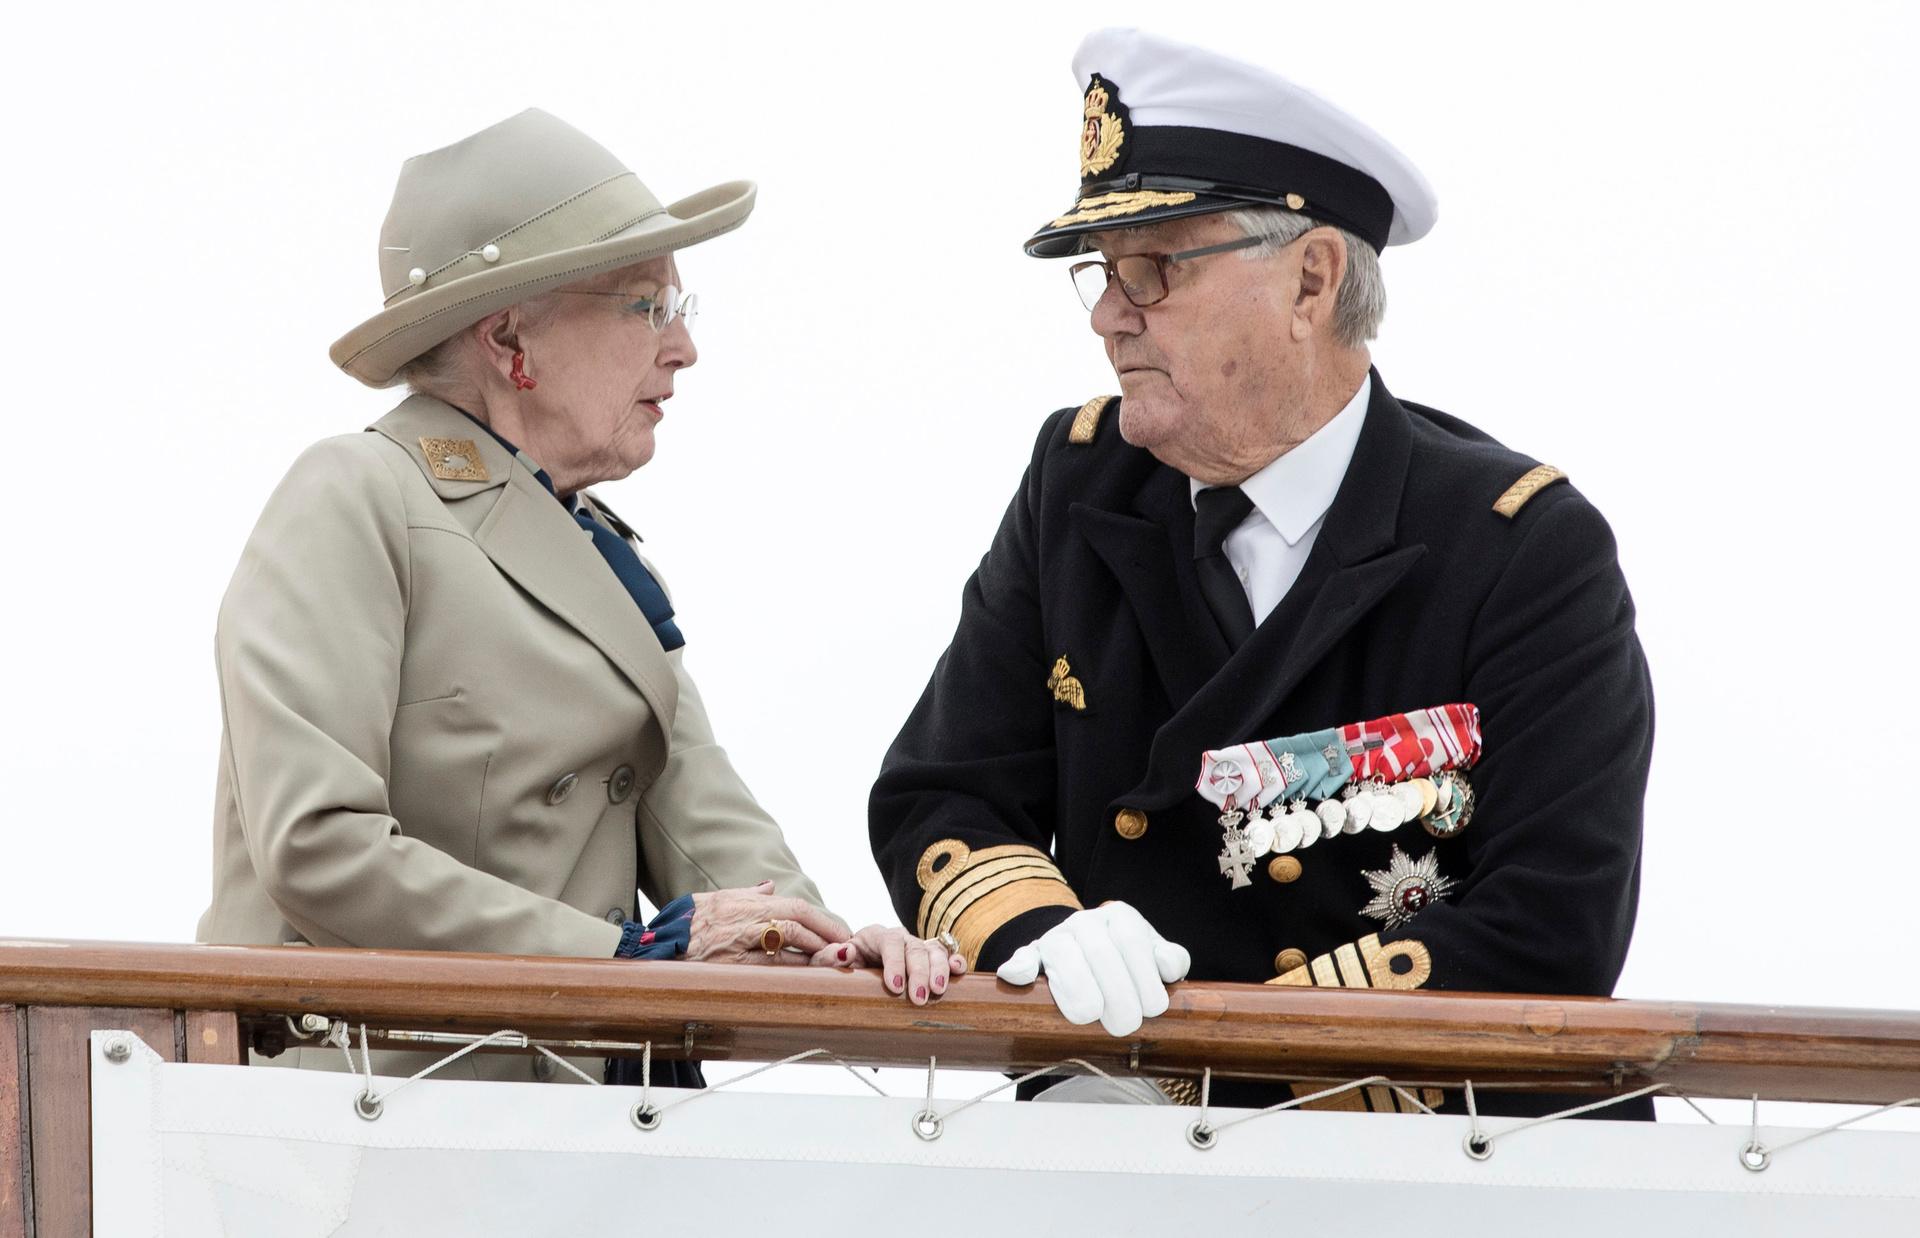 Eskapaden und ernste Gespräche - die dänische Königin Margrethe II. hatte mit Ehemann Prinz Henrik so einiges zu klären.  © ZDF/ap / ritzau / pedersen, mikkel b